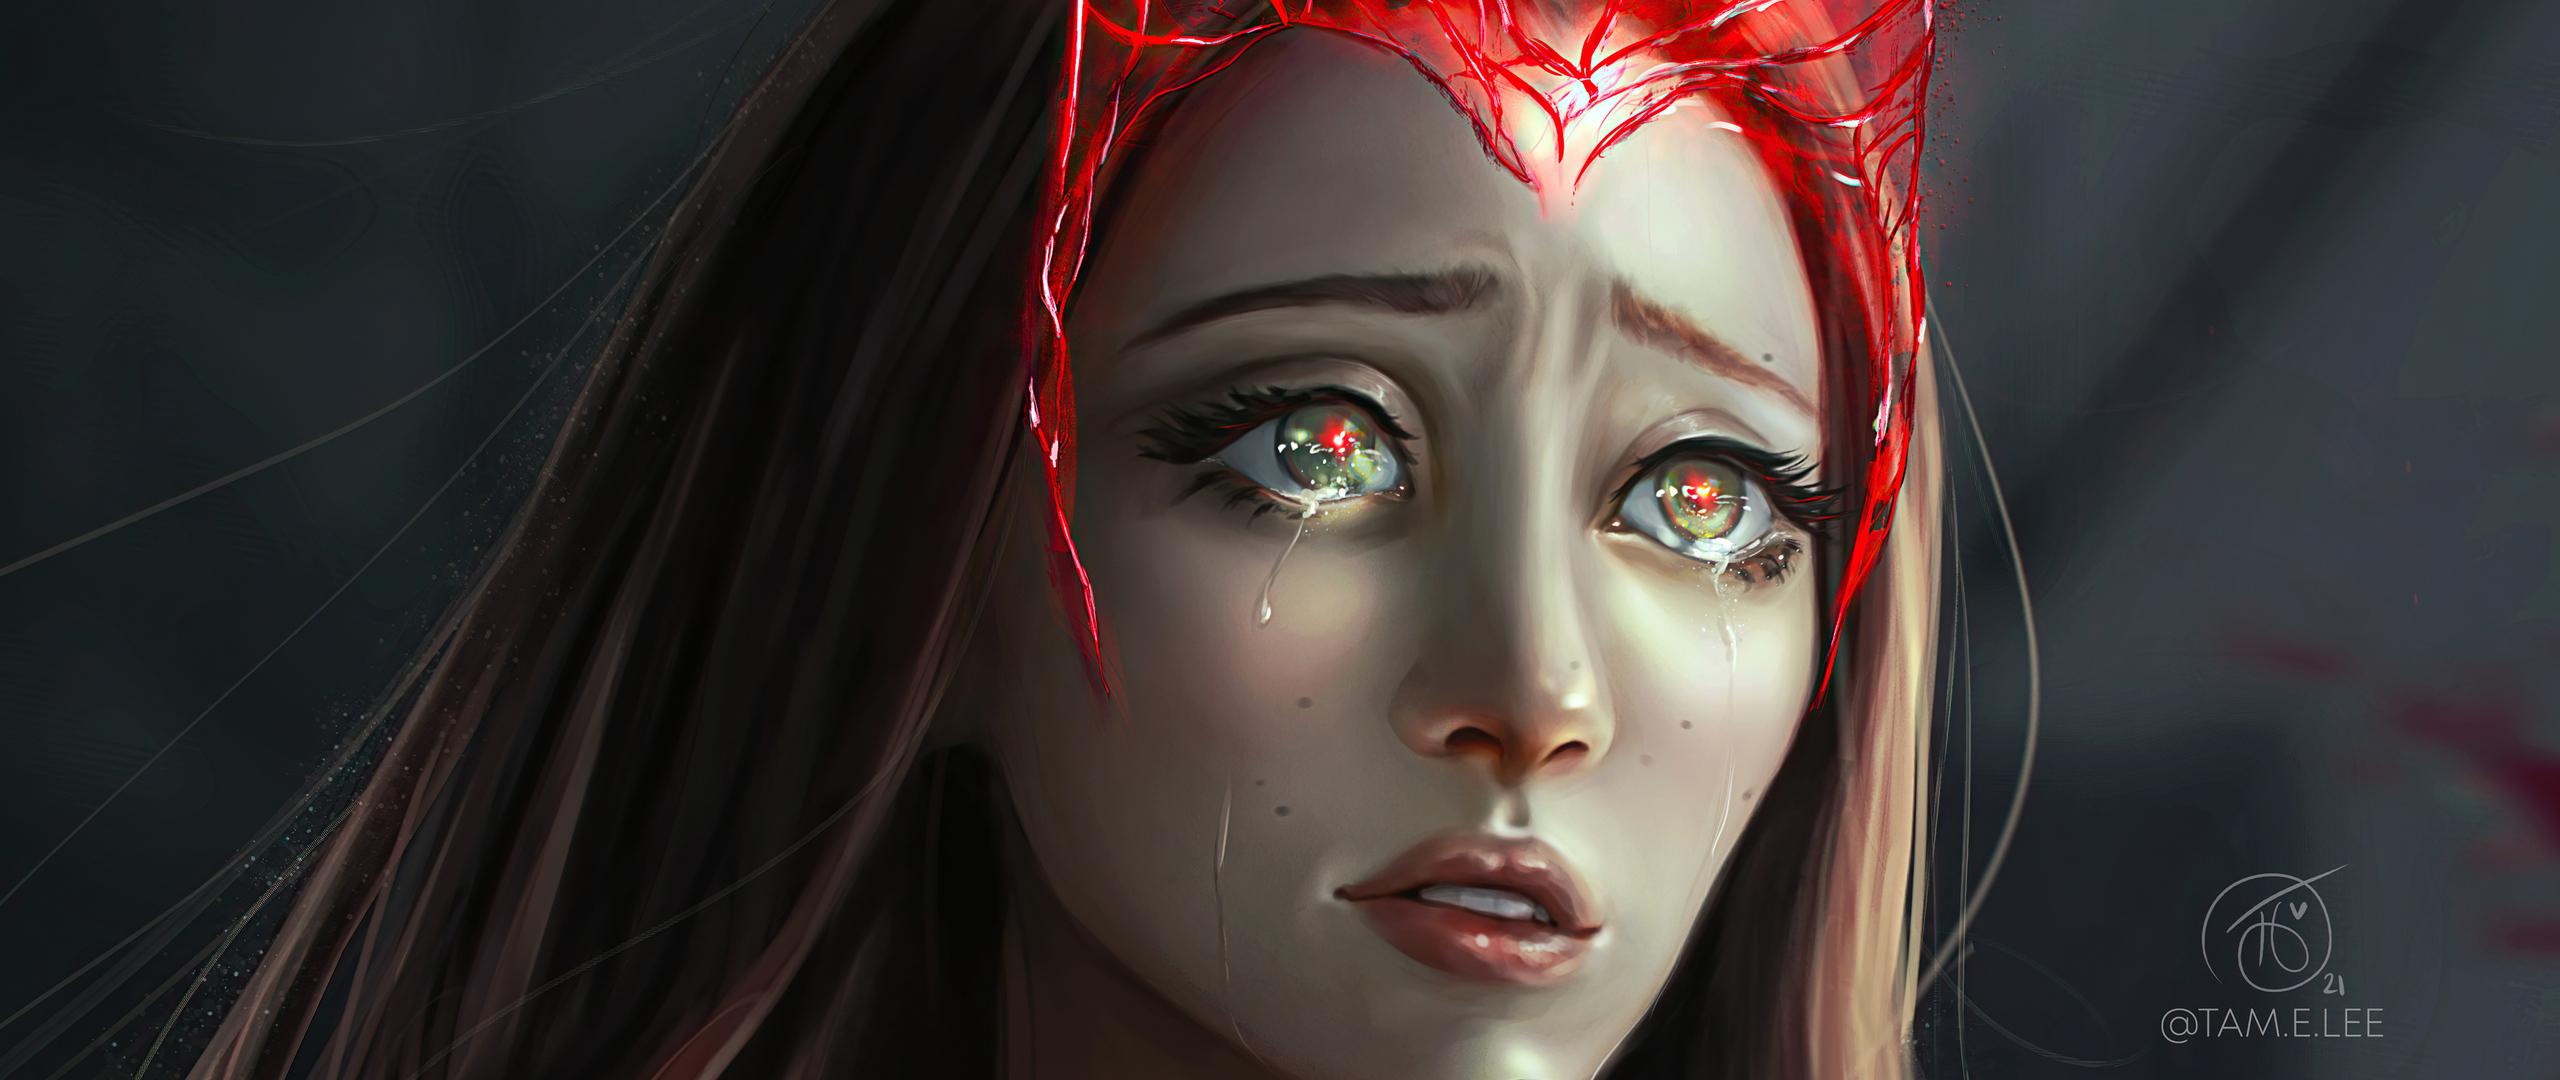 crying-wanda-vision-5k-cd.jpg